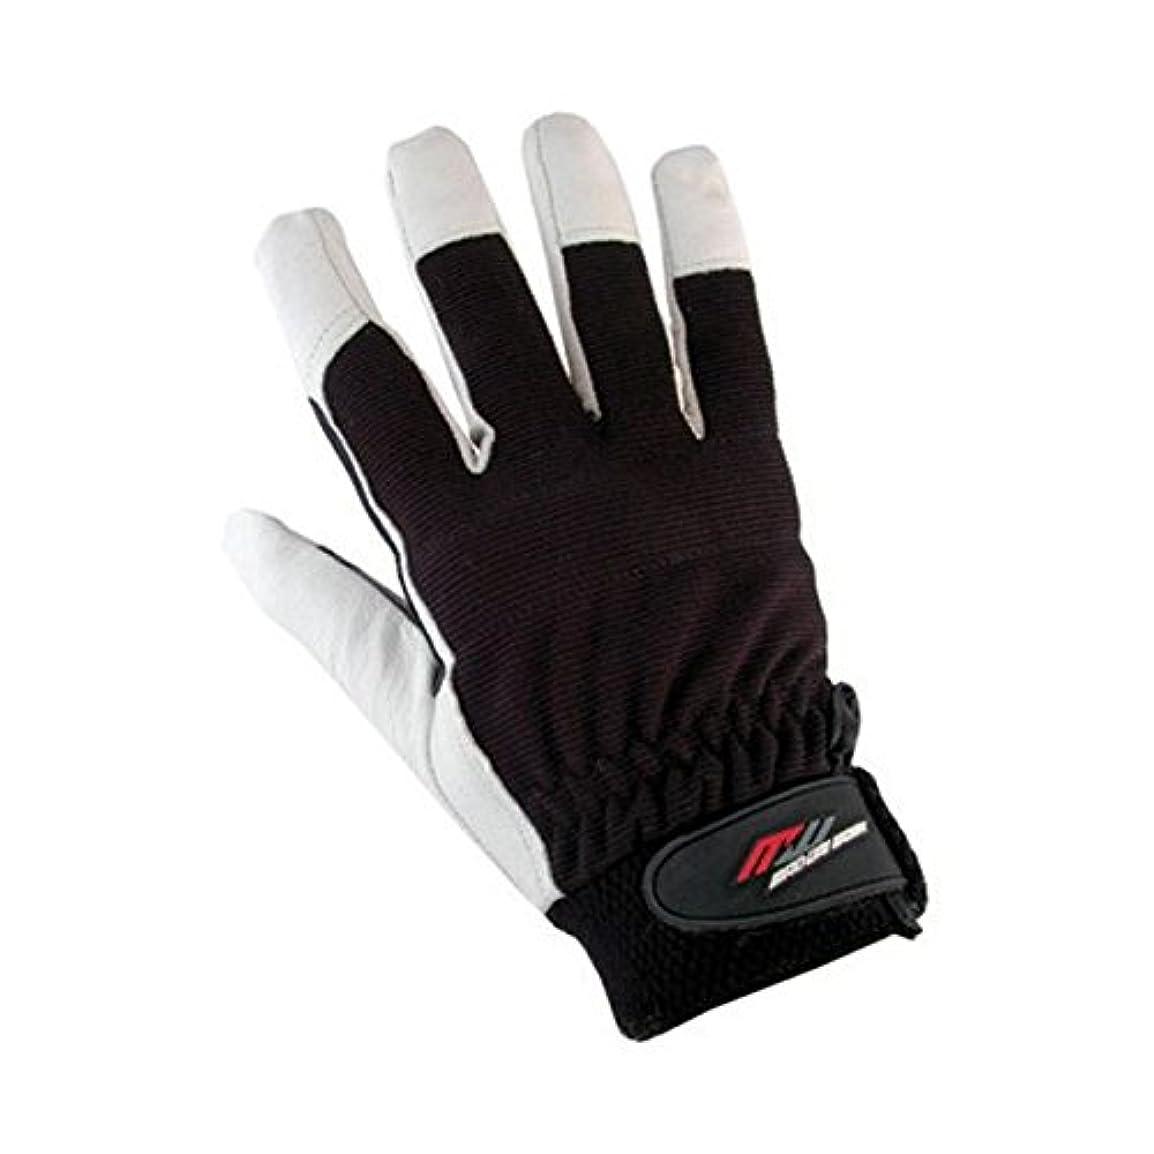 共産主義大宇宙哲学博士ミタニコーポレーション ブタ革手袋フィットンPRO 209171 1双入 【×5セット】